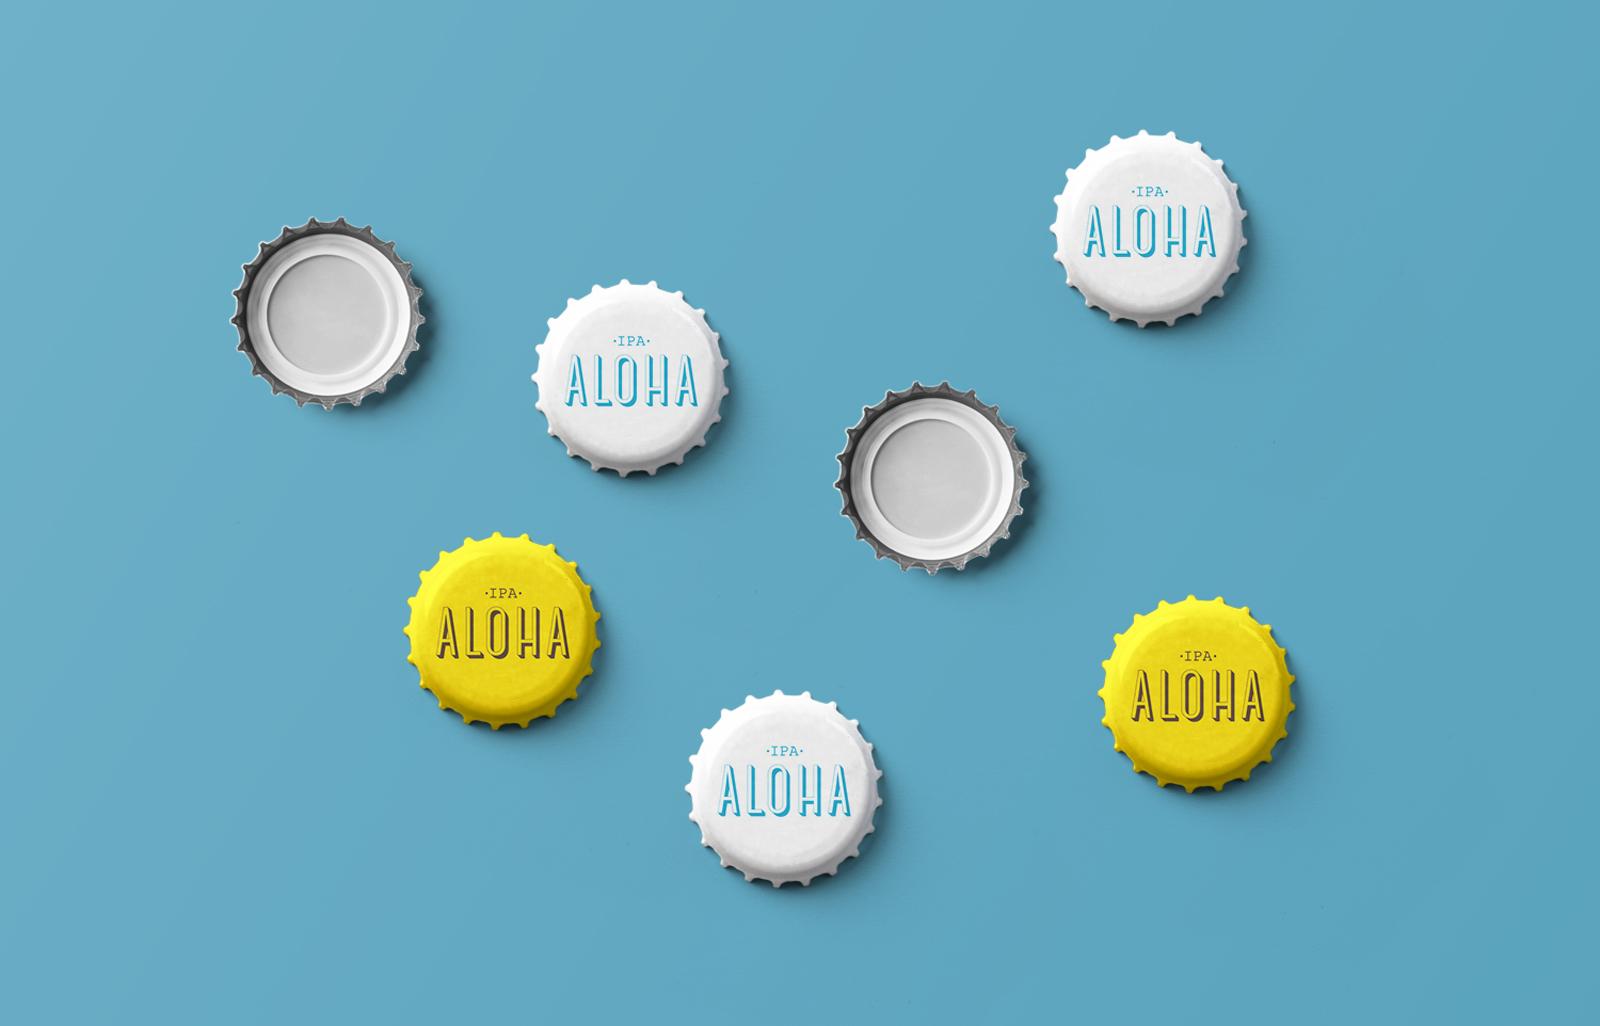 polkadot design - Aloha4.jpg